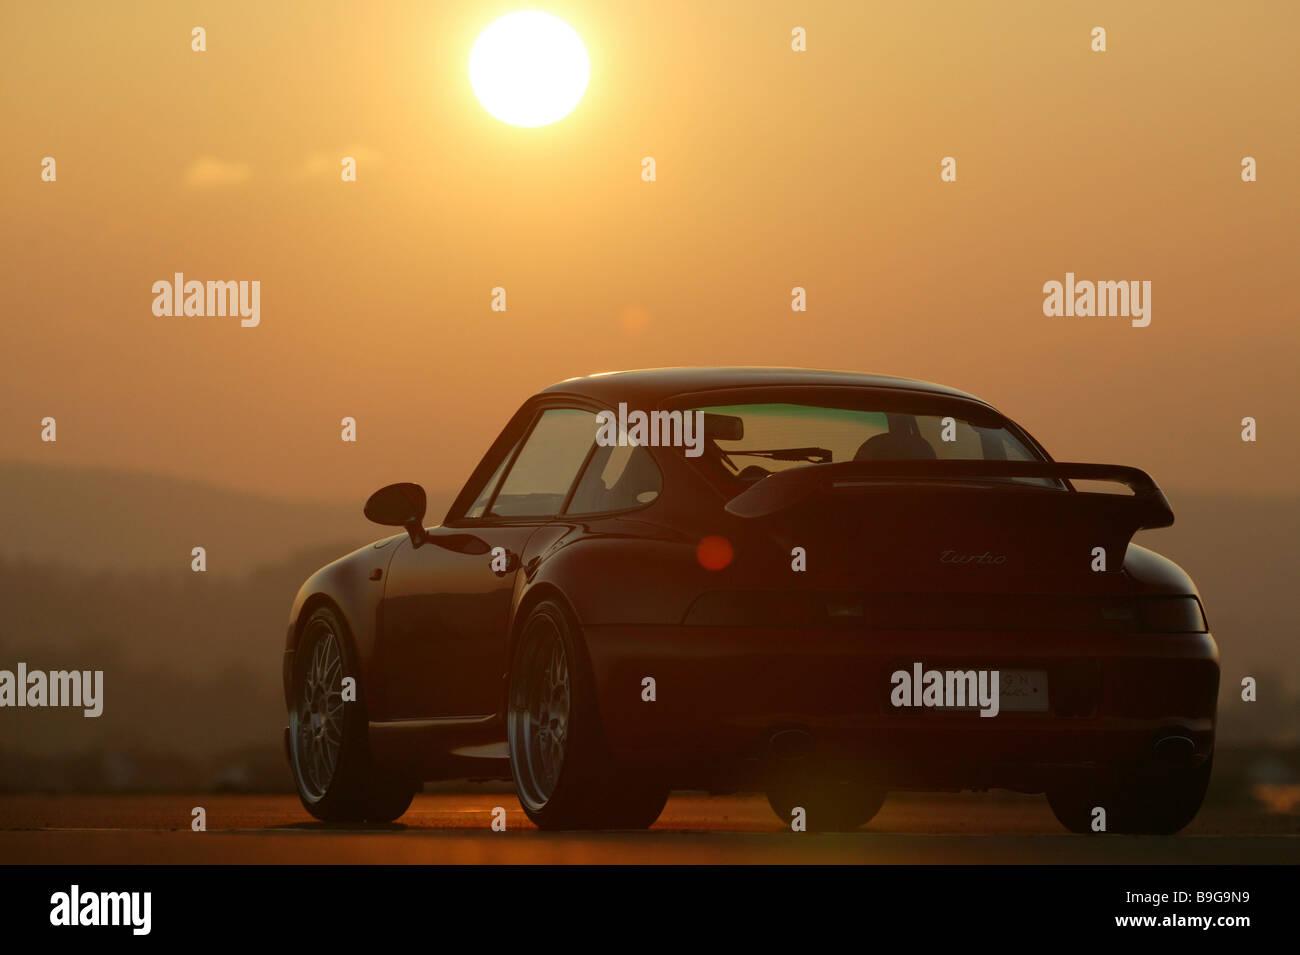 Porsche Gemballa Red Backview Sunset Series Vehicle Car